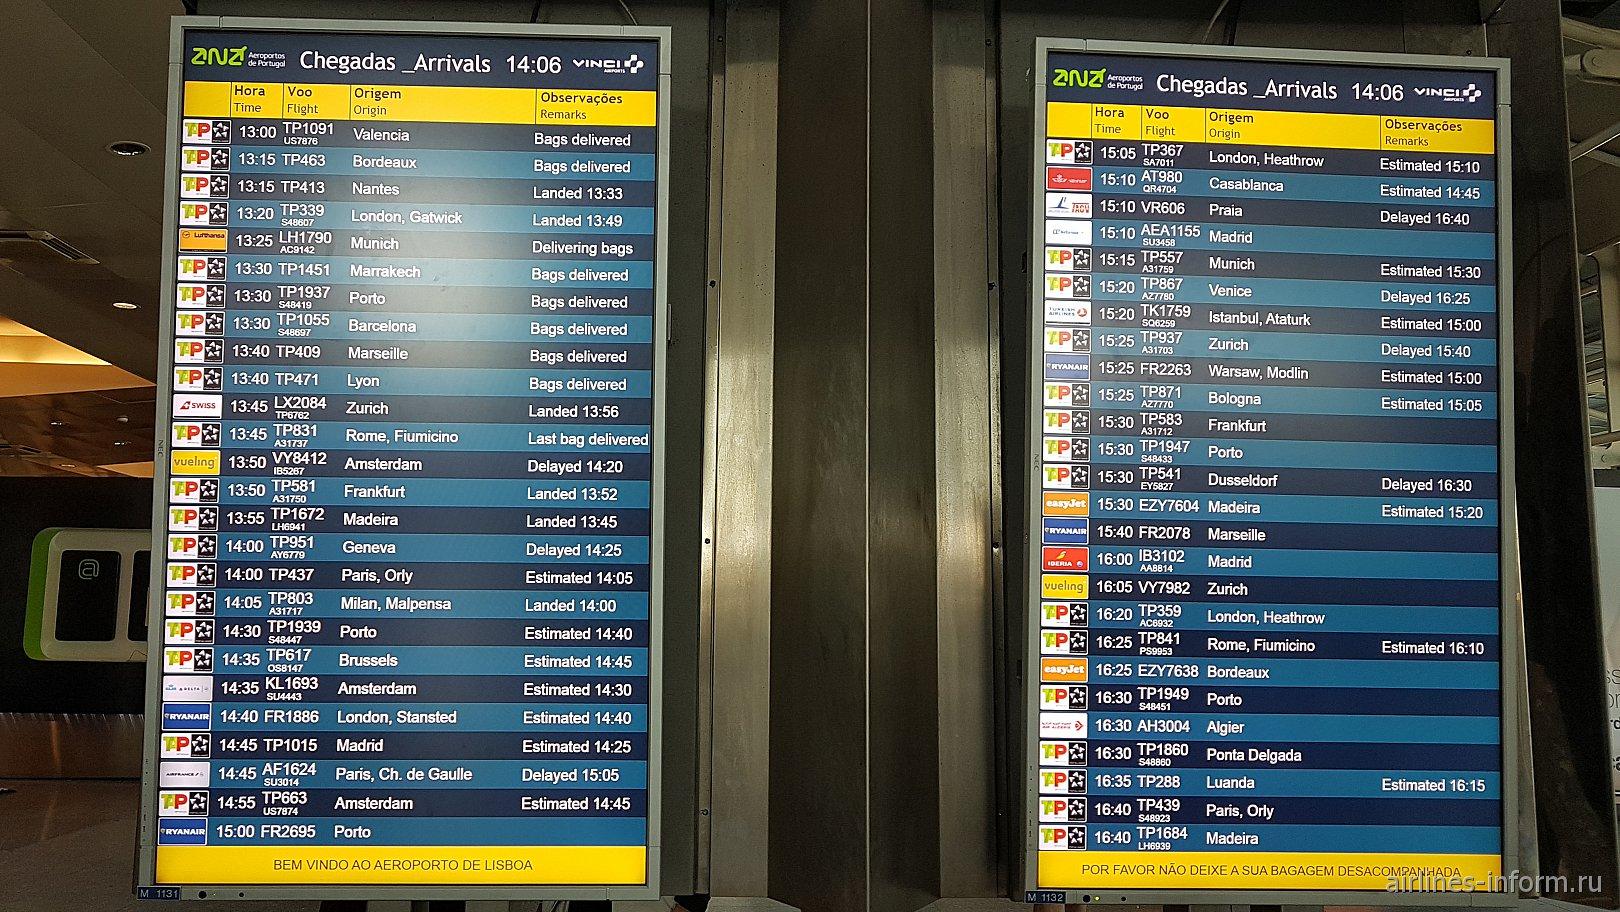 Онлайн табло аэропорта ататюрк